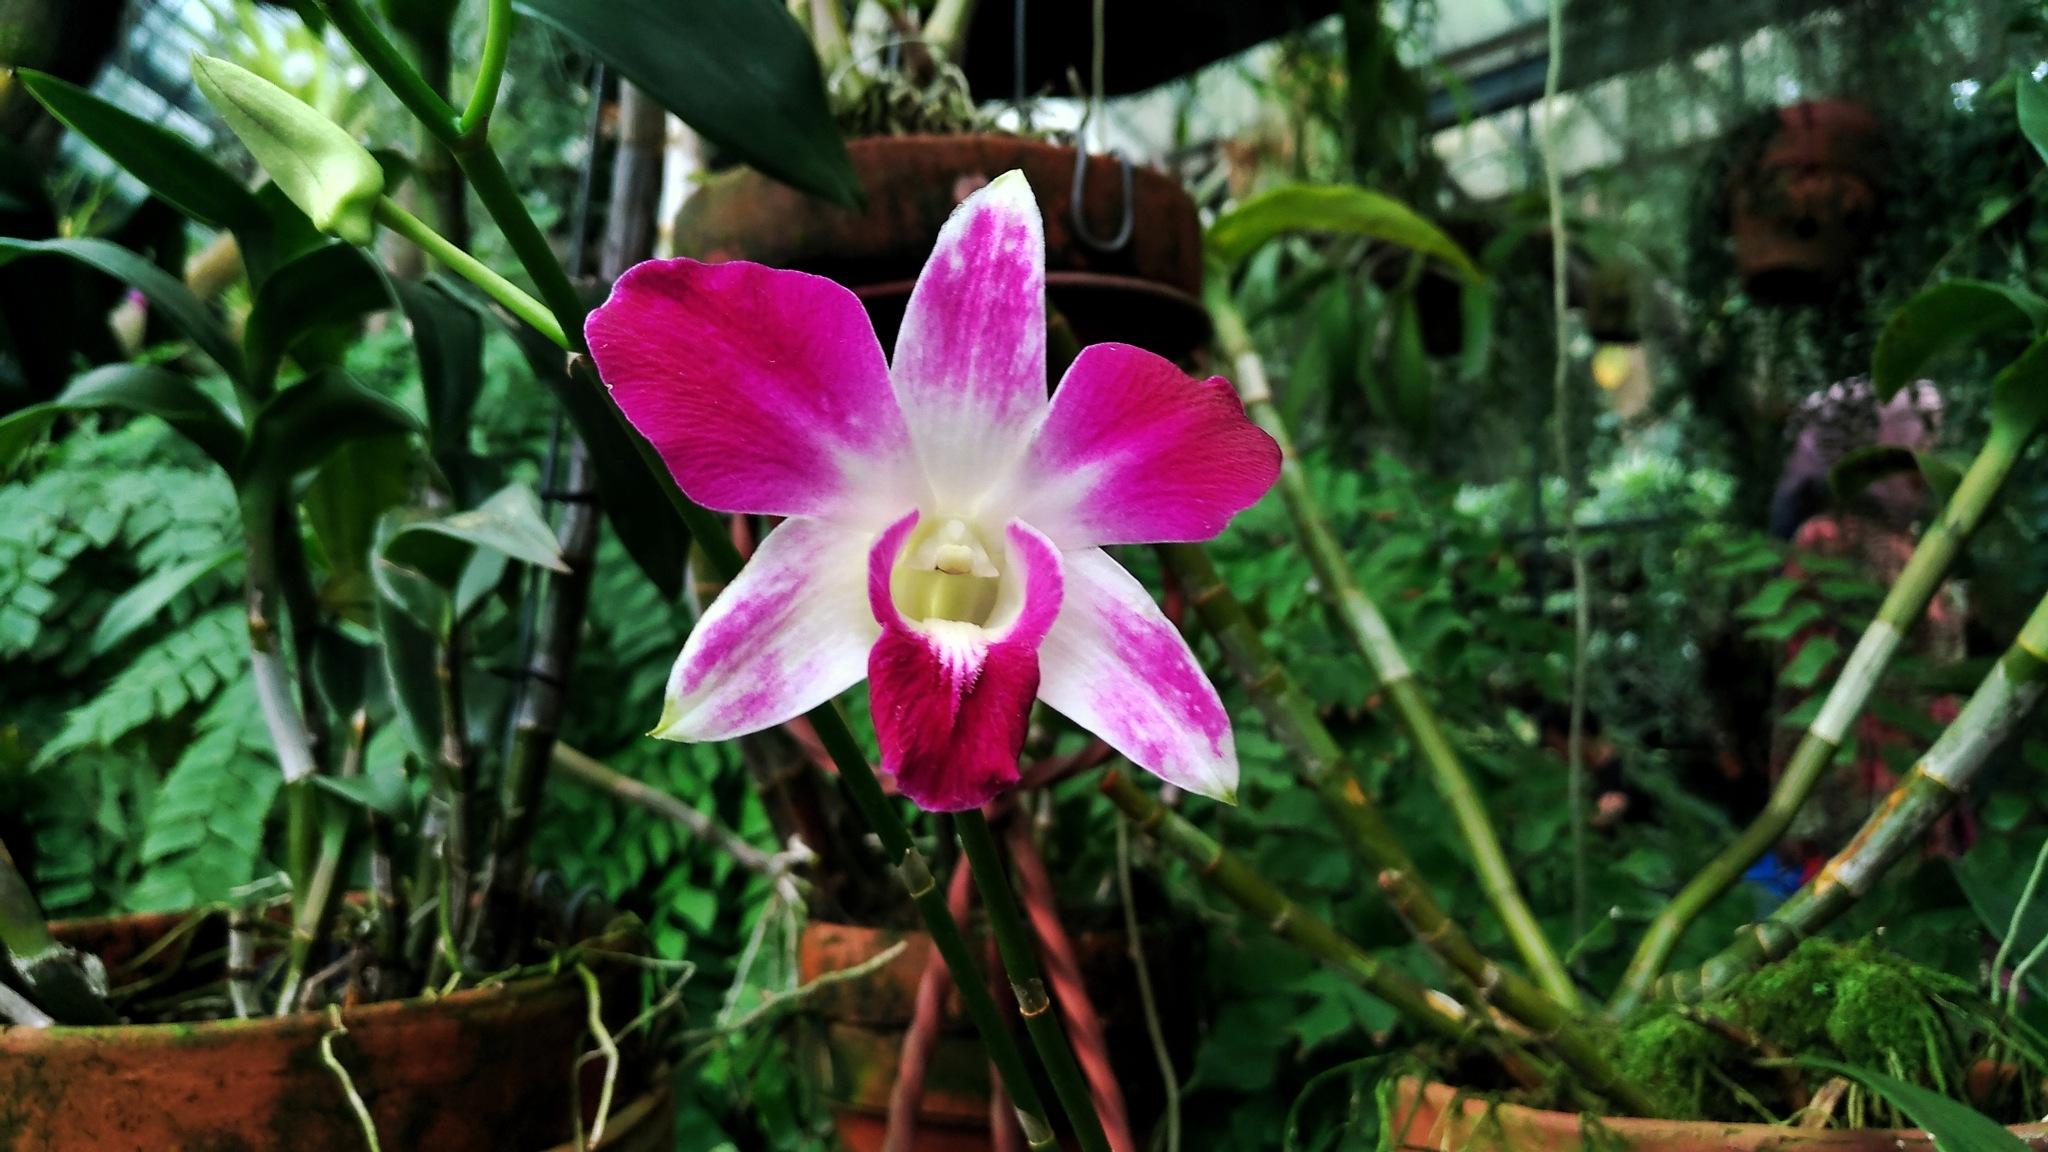 Orchid by Bavner Donaldo